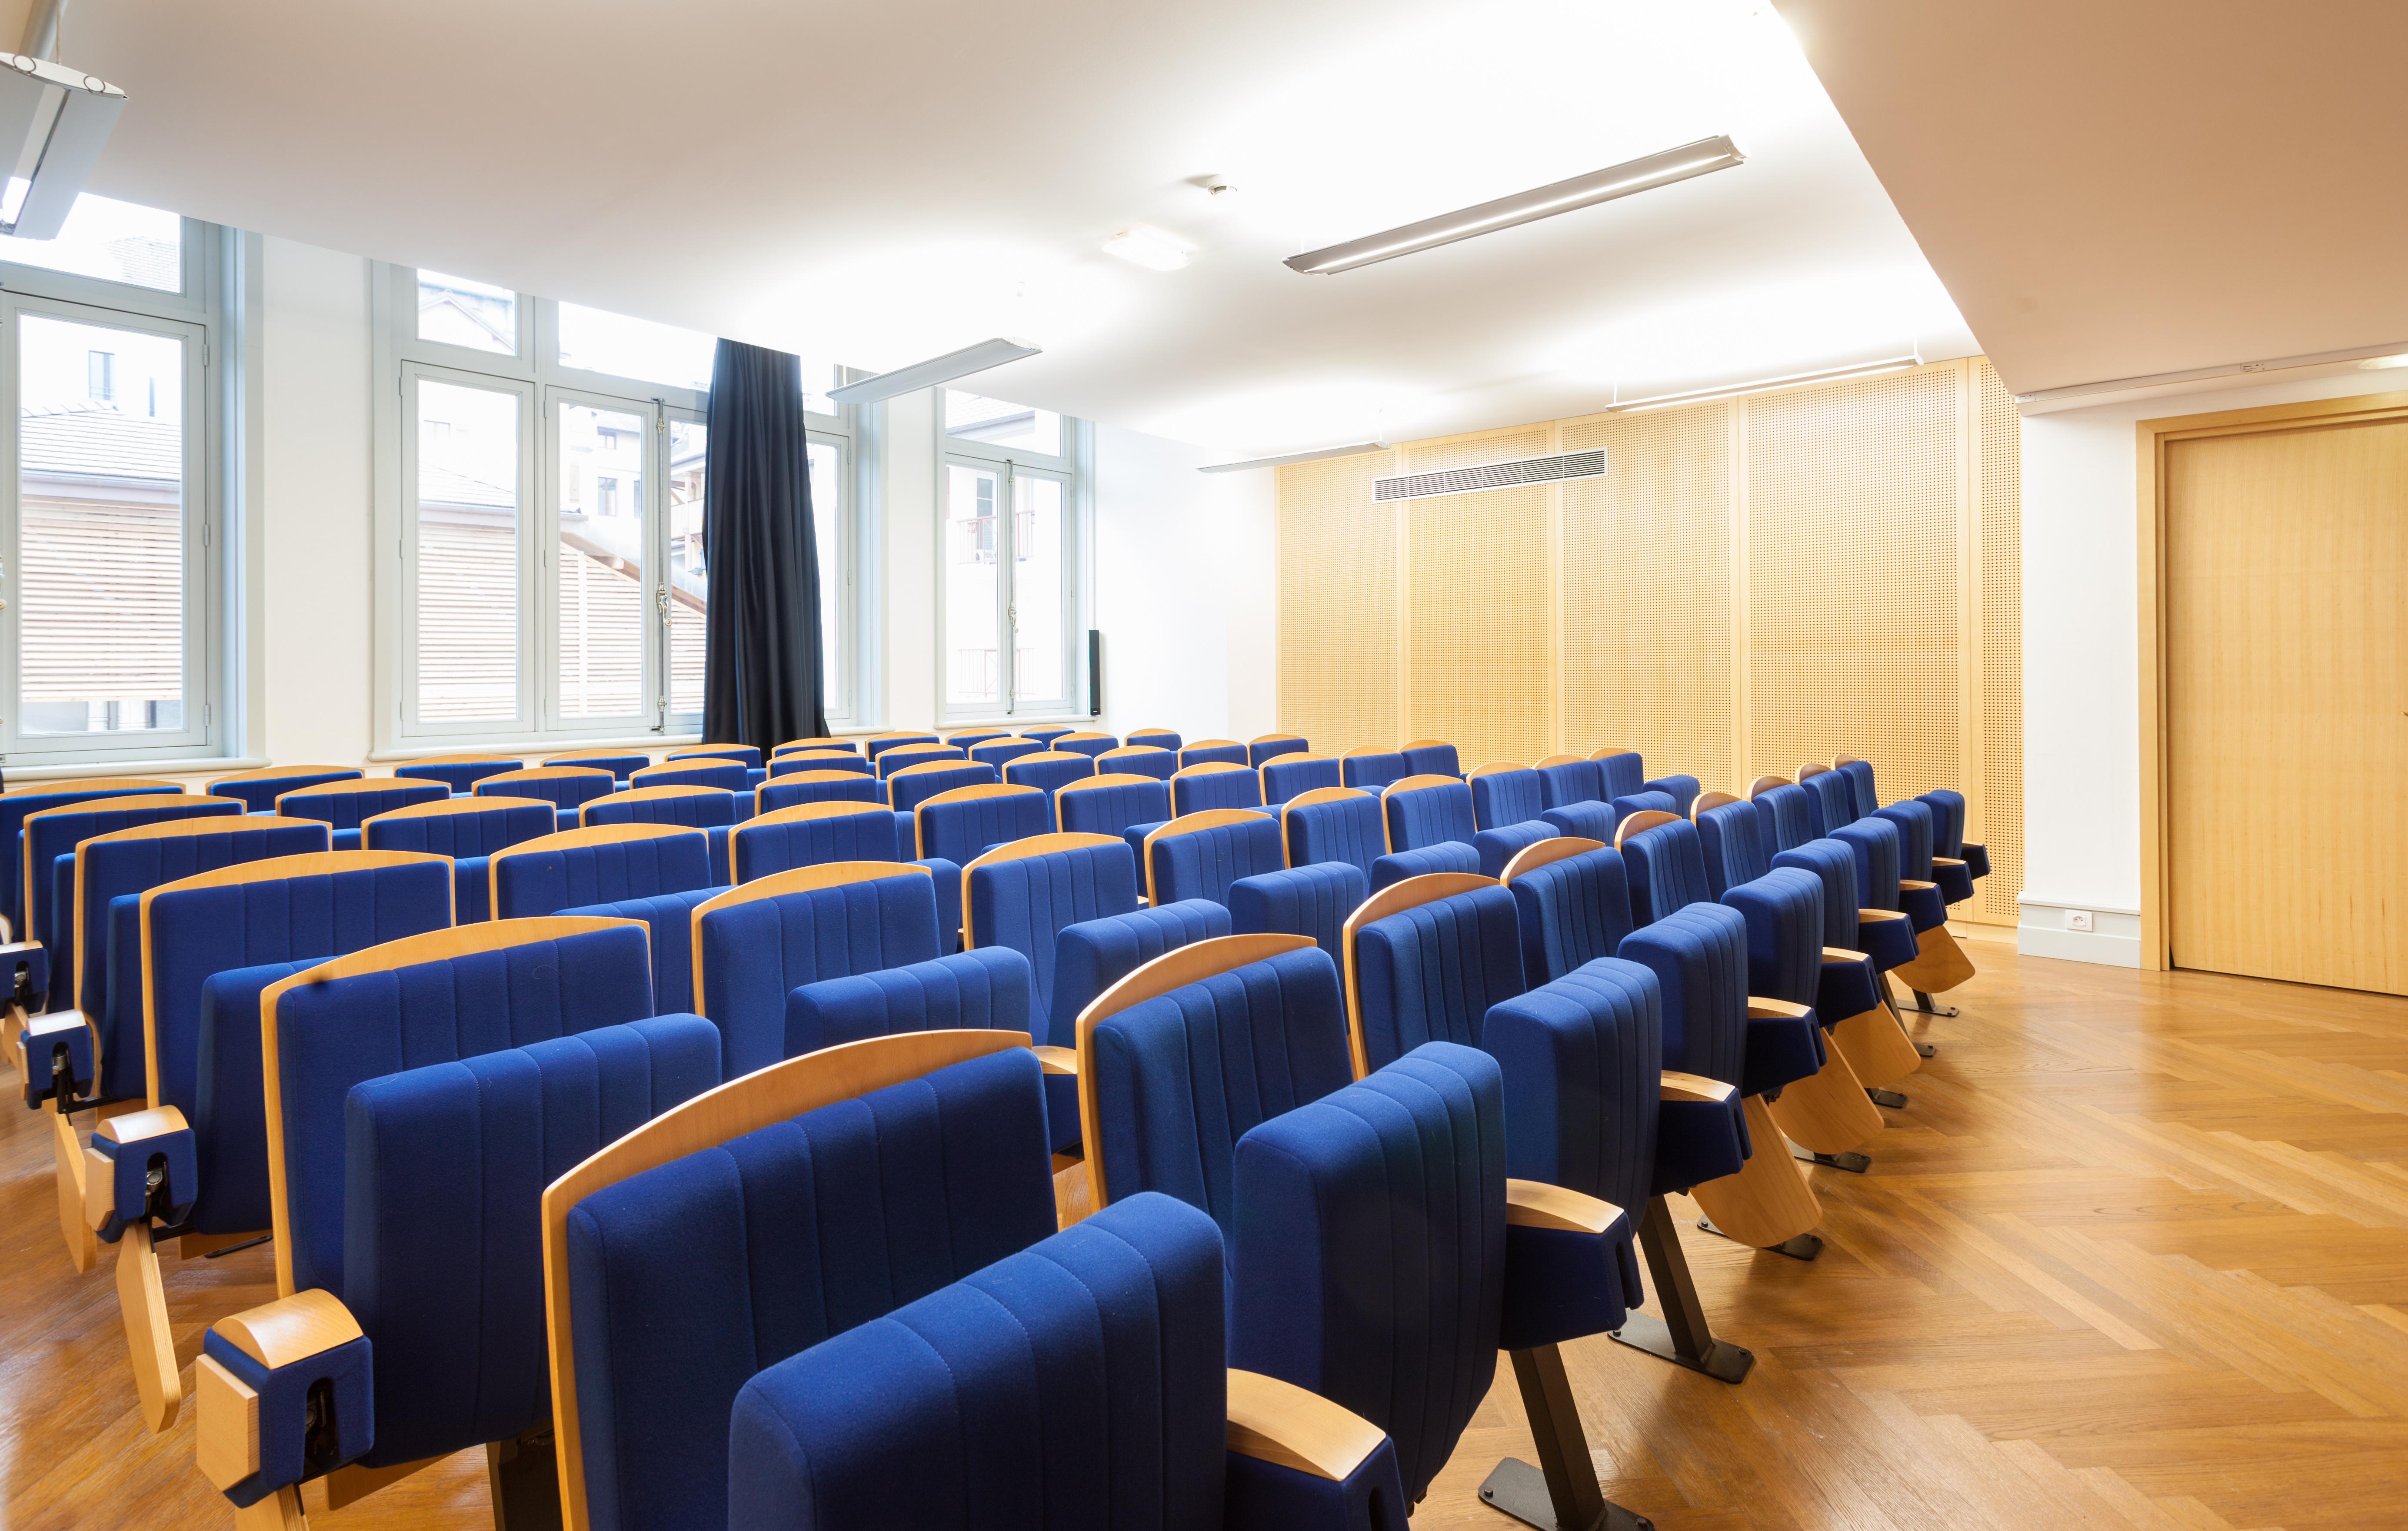 Médiathèque - Salle de projection